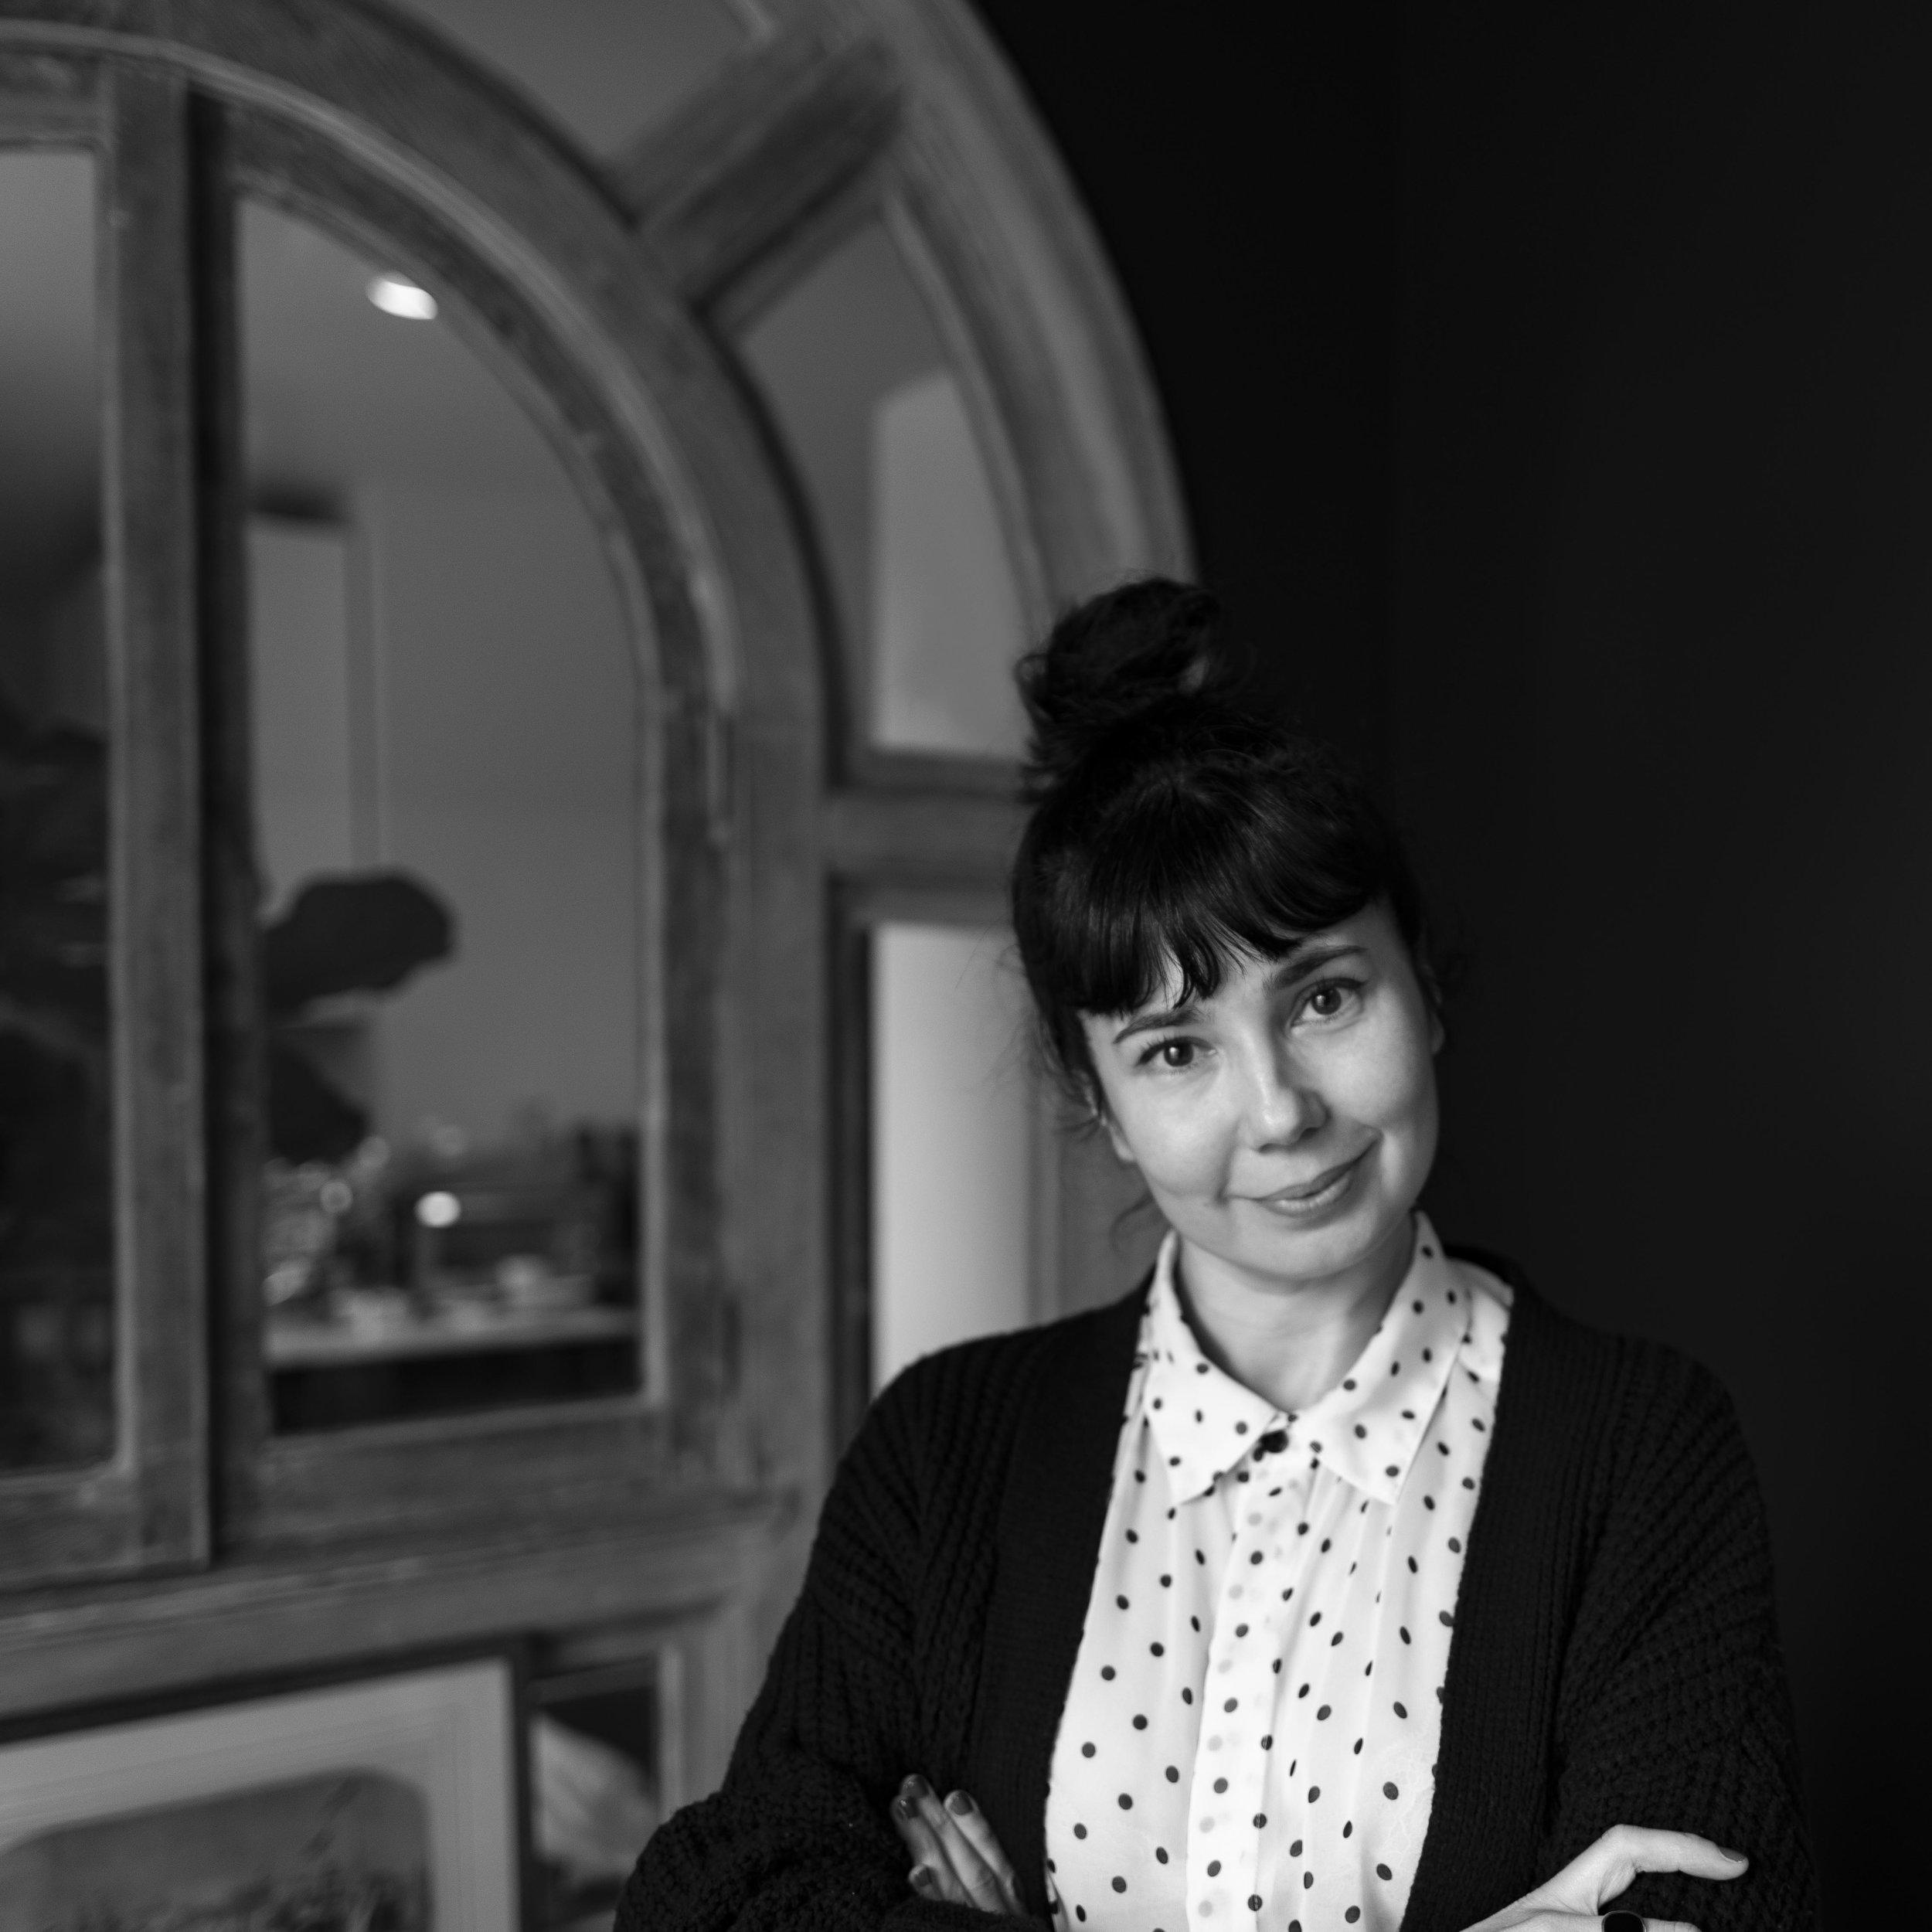 ANASTASIA YUFEROVA